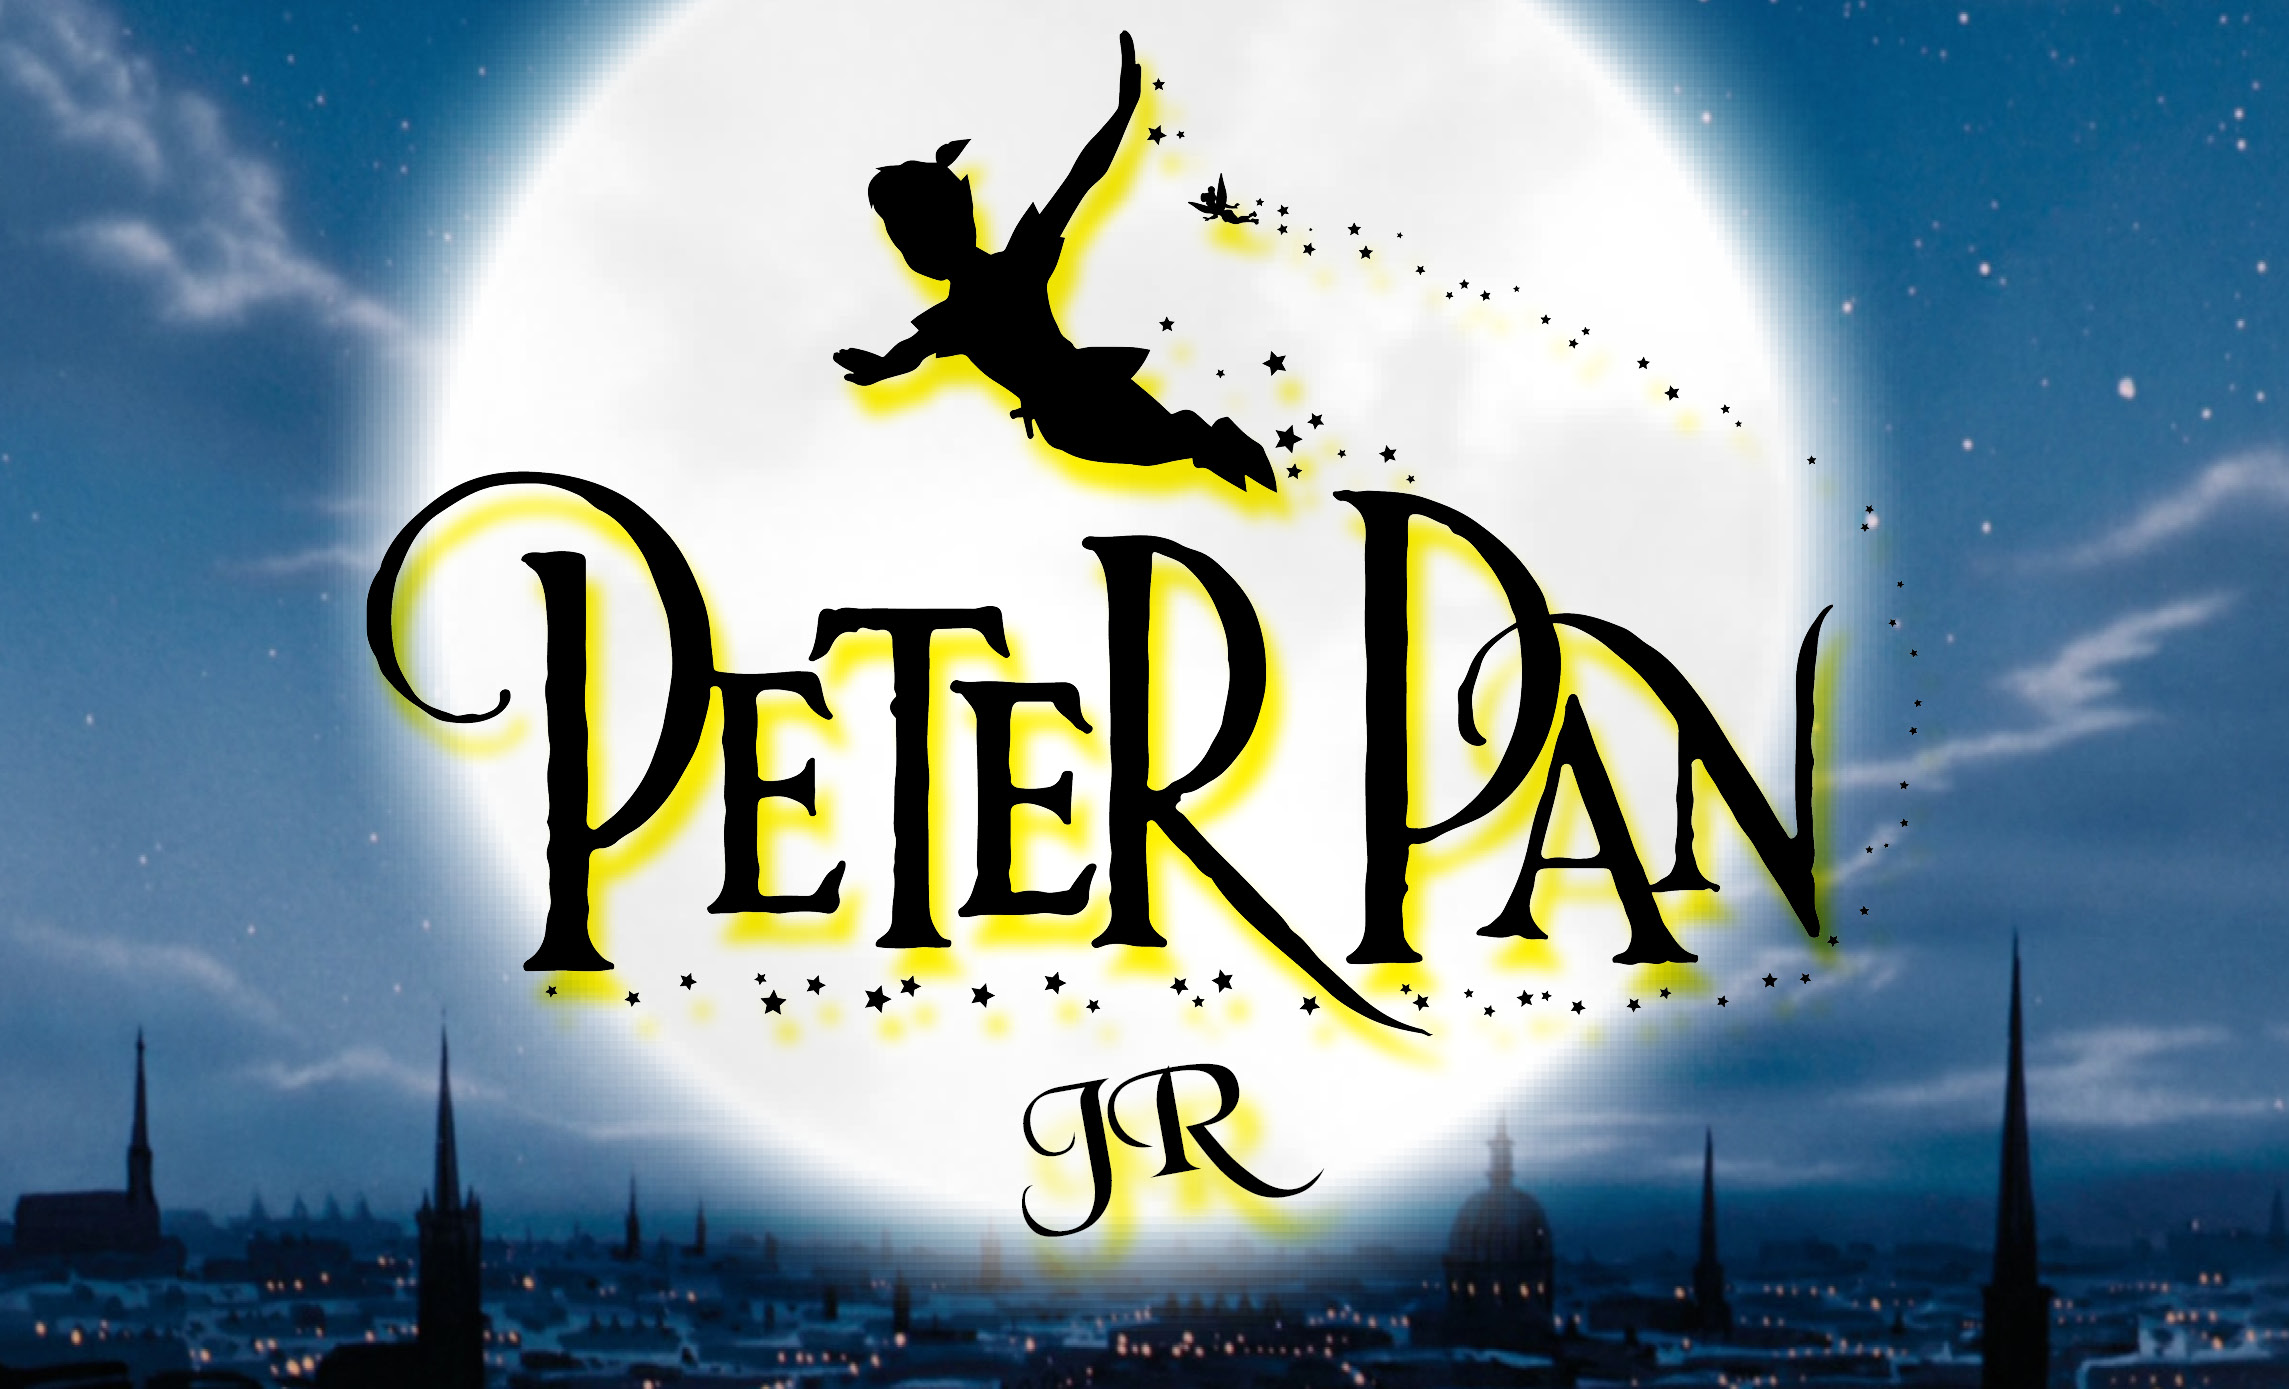 CT-PeterPanJR